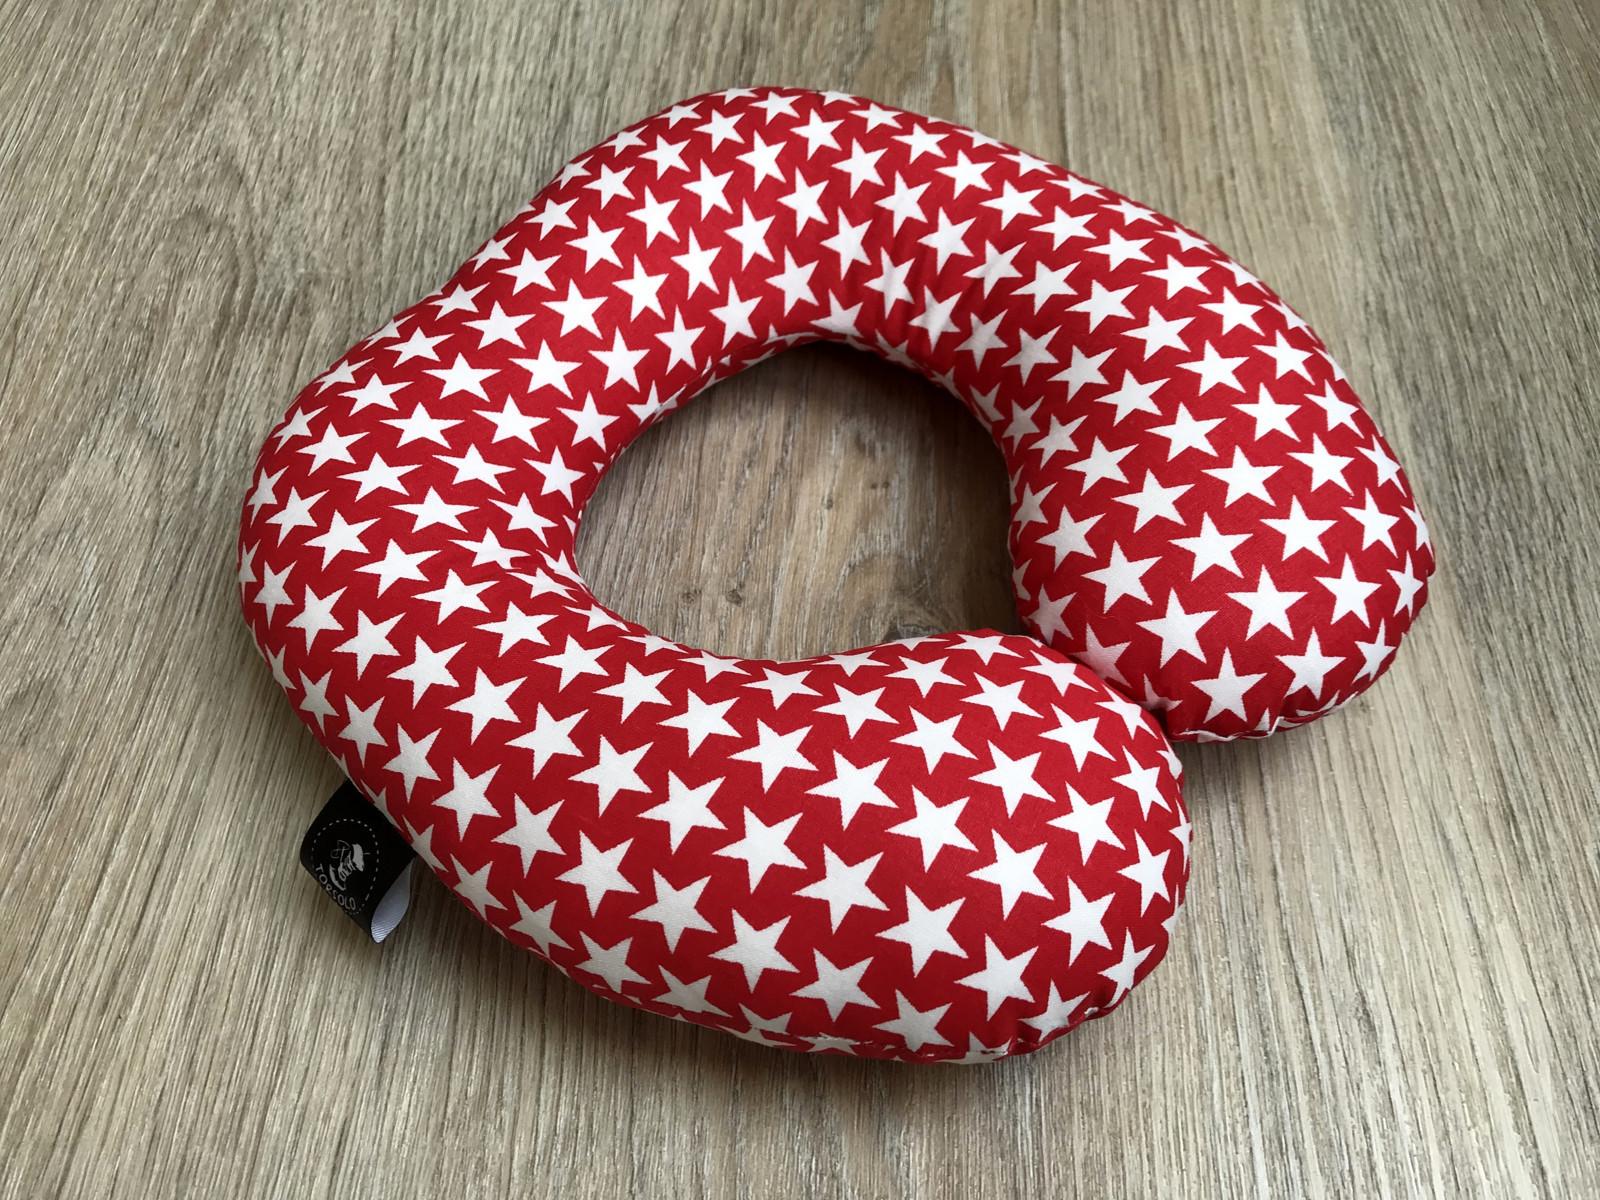 9881b15845f Cestovní polštářek červený v hvězdami   Zboží prodejce Torsolo